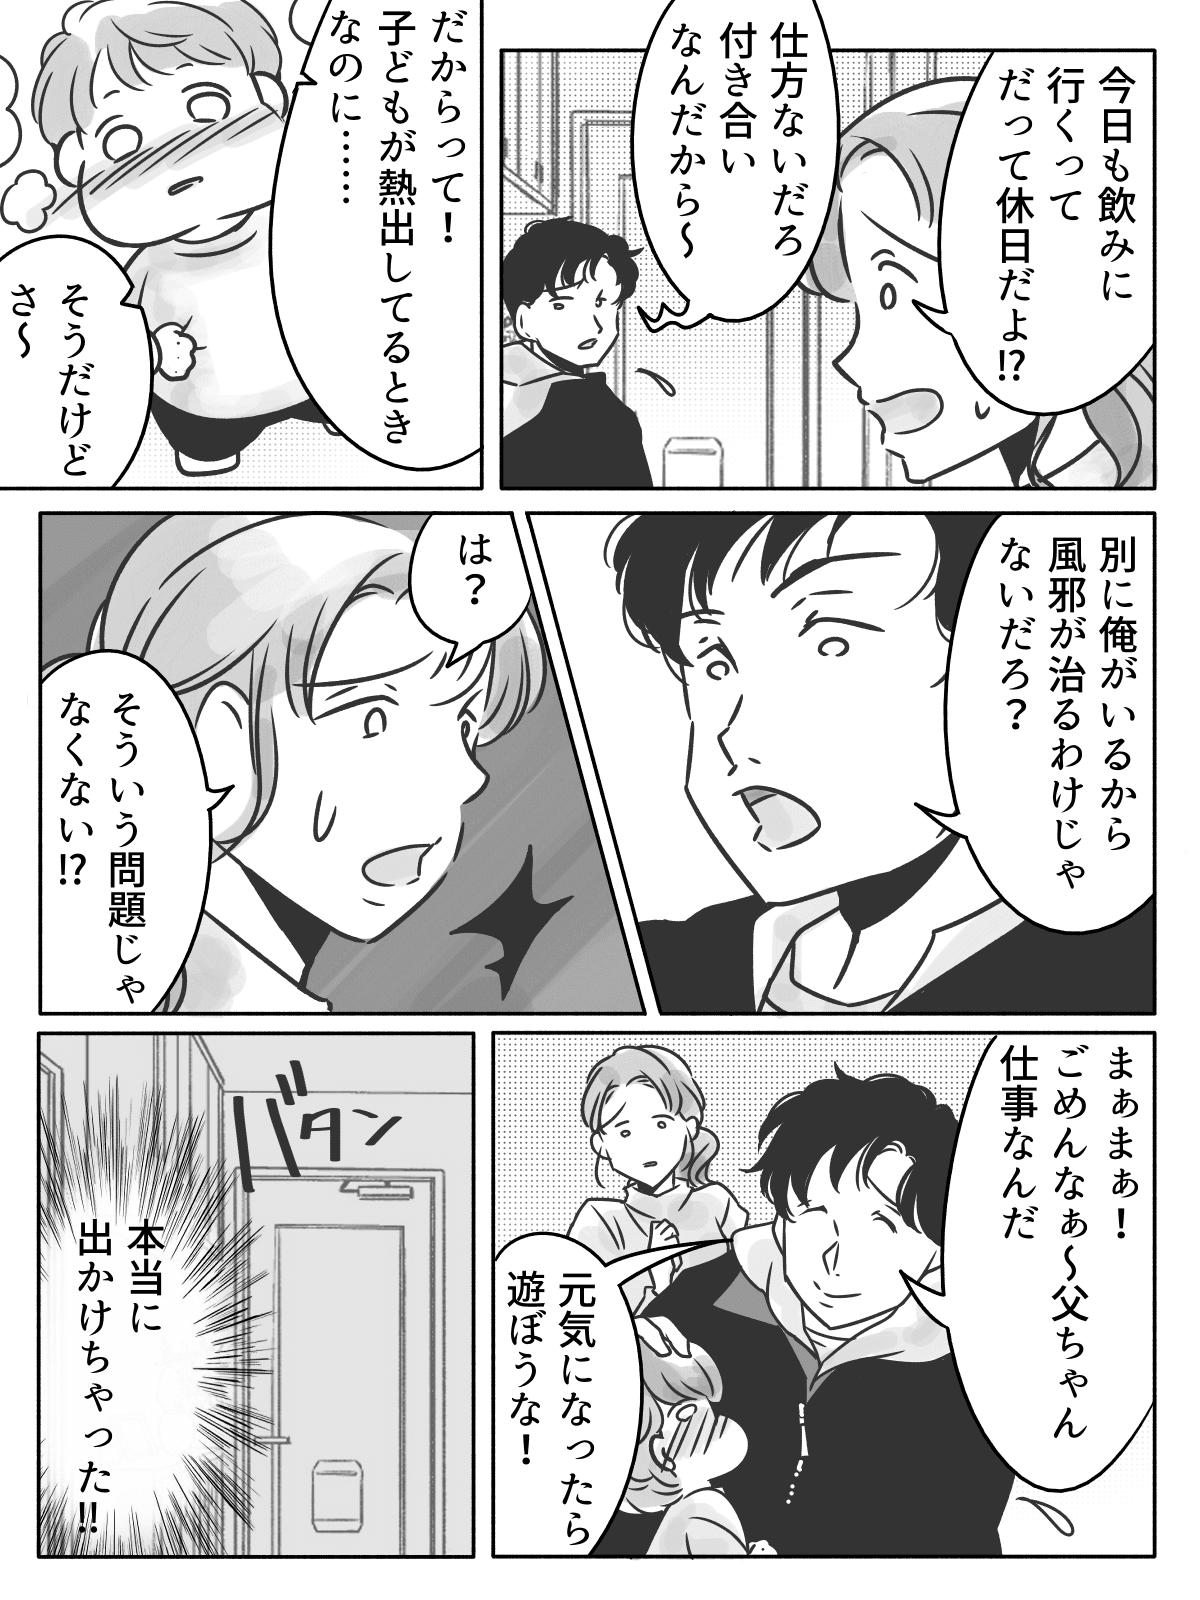 【第1話】夫が不倫!?